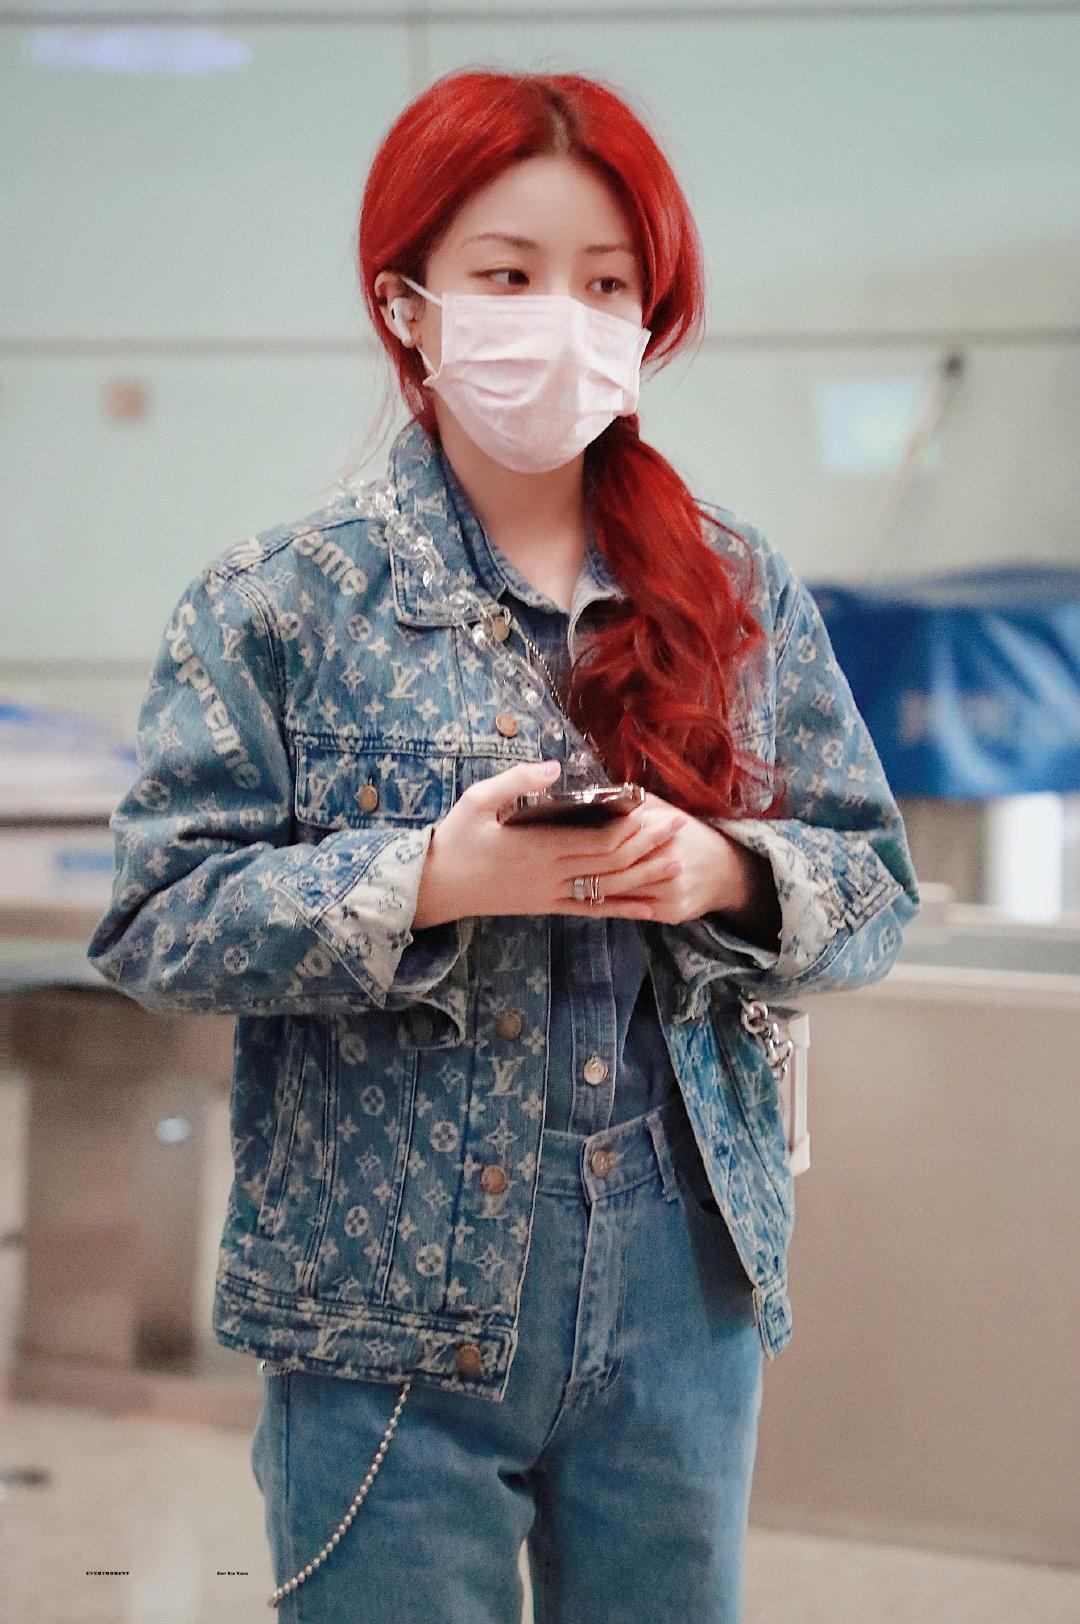 Sau ba tháng ở ẩn vì bị chấn thương, Dụ Ngôn quay trở lại sân khấu cùng The9 khiến fan háo hức. Cô nàng nhuộm màu tóc đỏ rực bắt mắt.